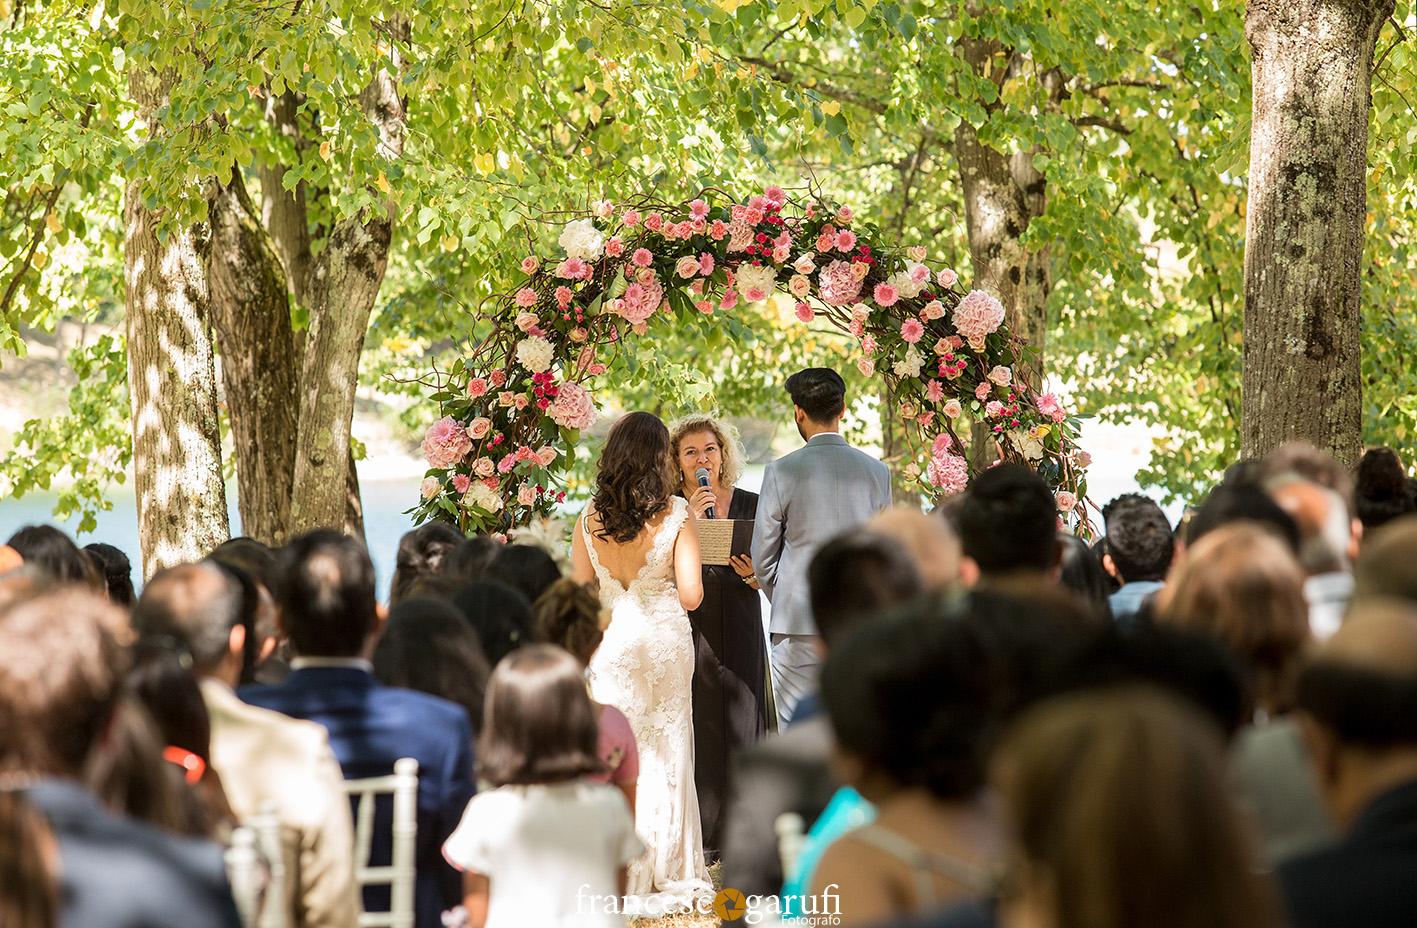 matrimonio indiano all'aperto in Italia